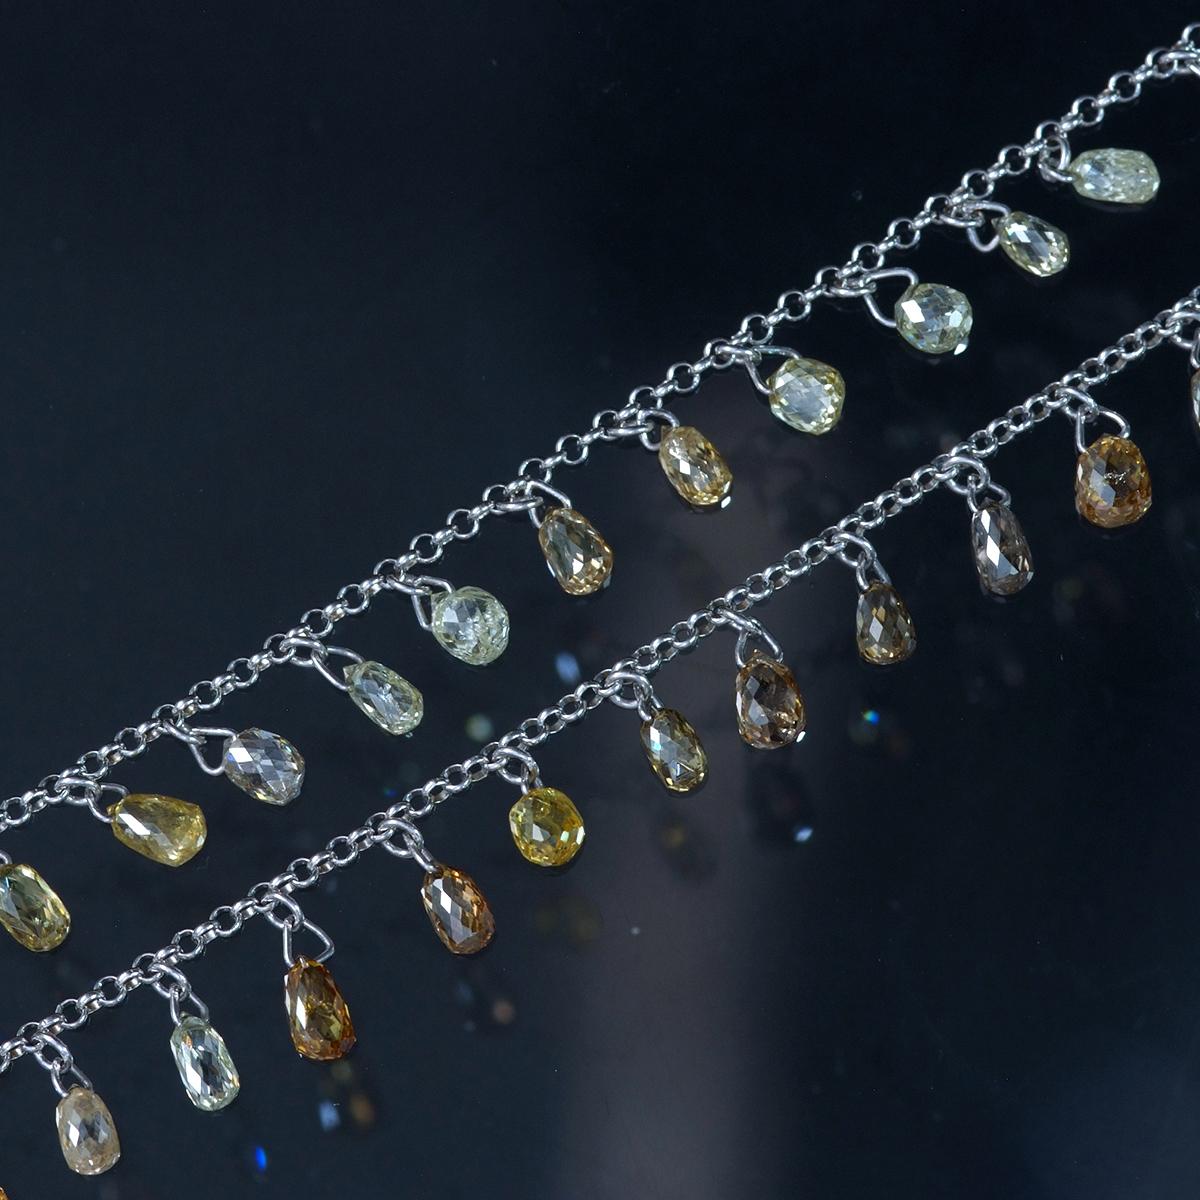 E9726【ブリオレットカット】天然ピンクダイヤモンド他、カラーダイヤモンド19.28ct 最高級18金WG無垢セレブリティネックレス_画像1